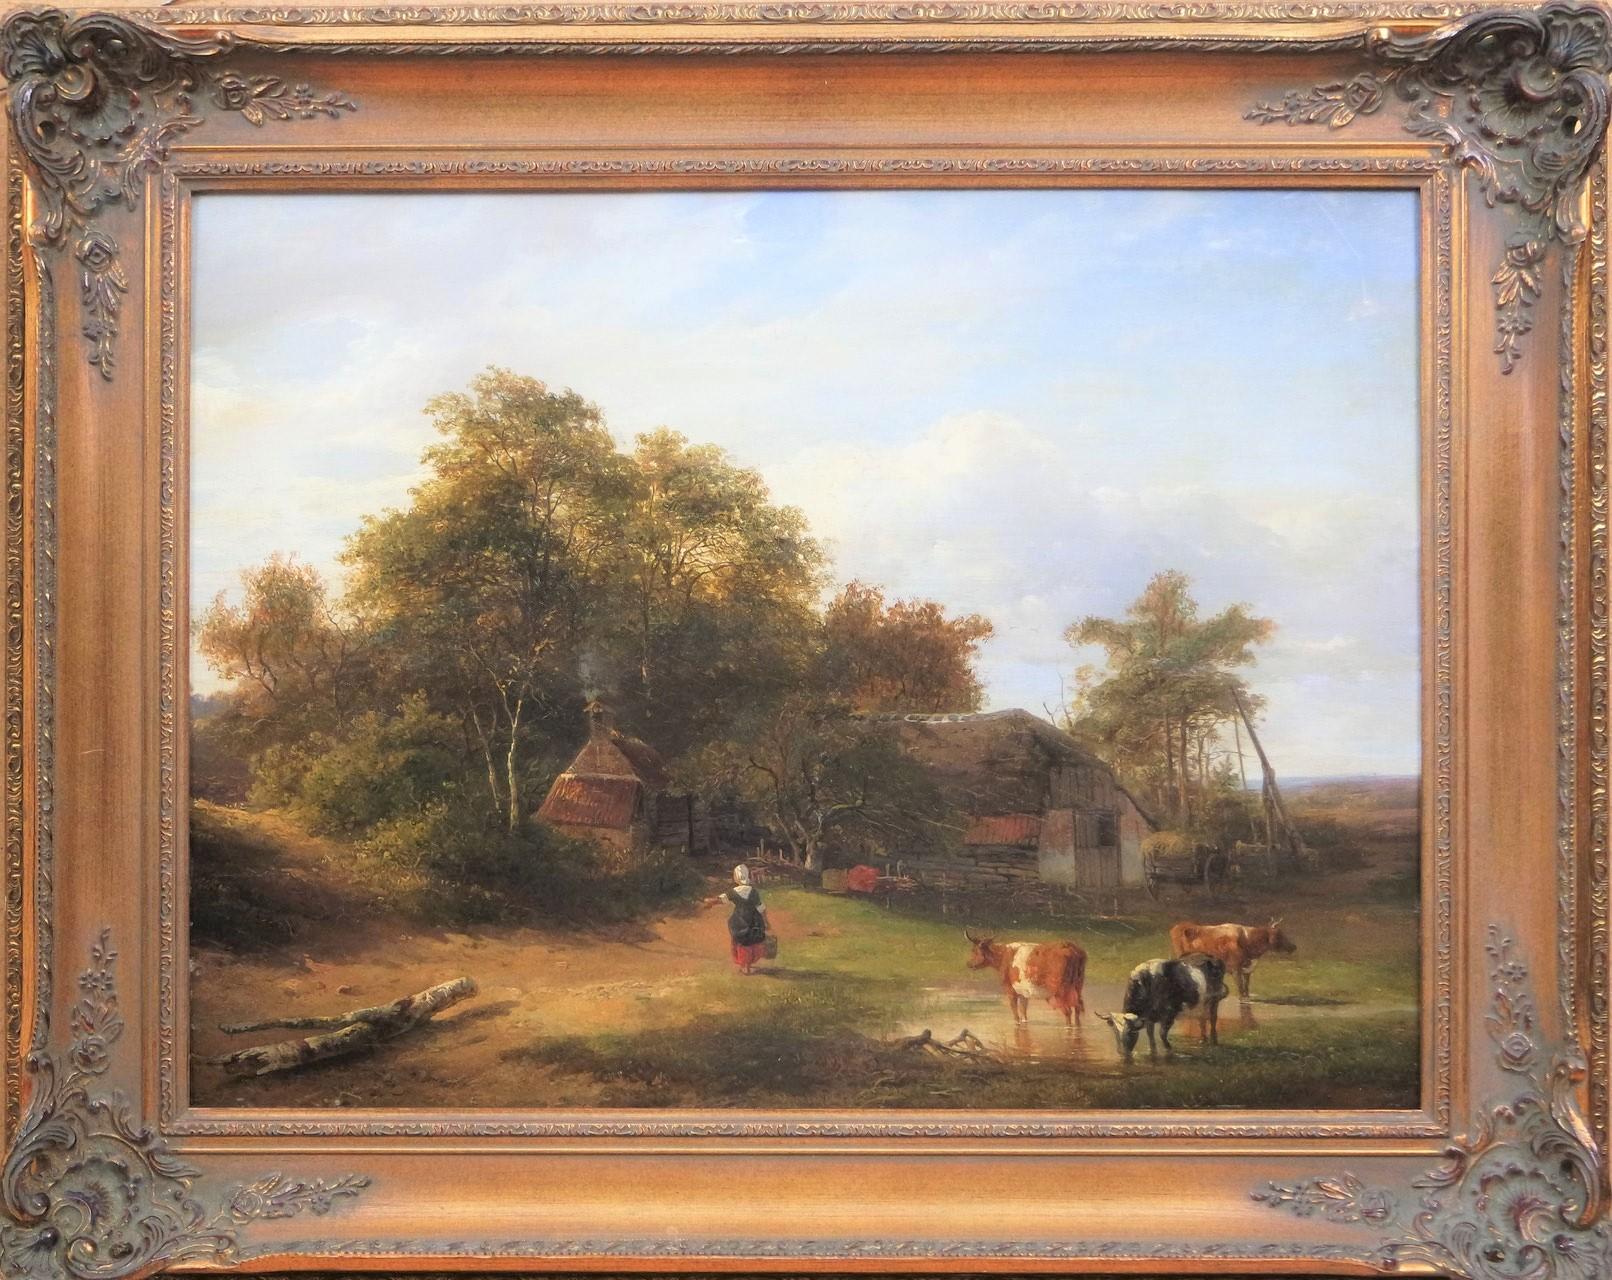 te_koop_aangeboden_een_schilderij_van_de_nederlandse_kunstschilder_willem_roelofs_1822-1897_romantisch_landschap